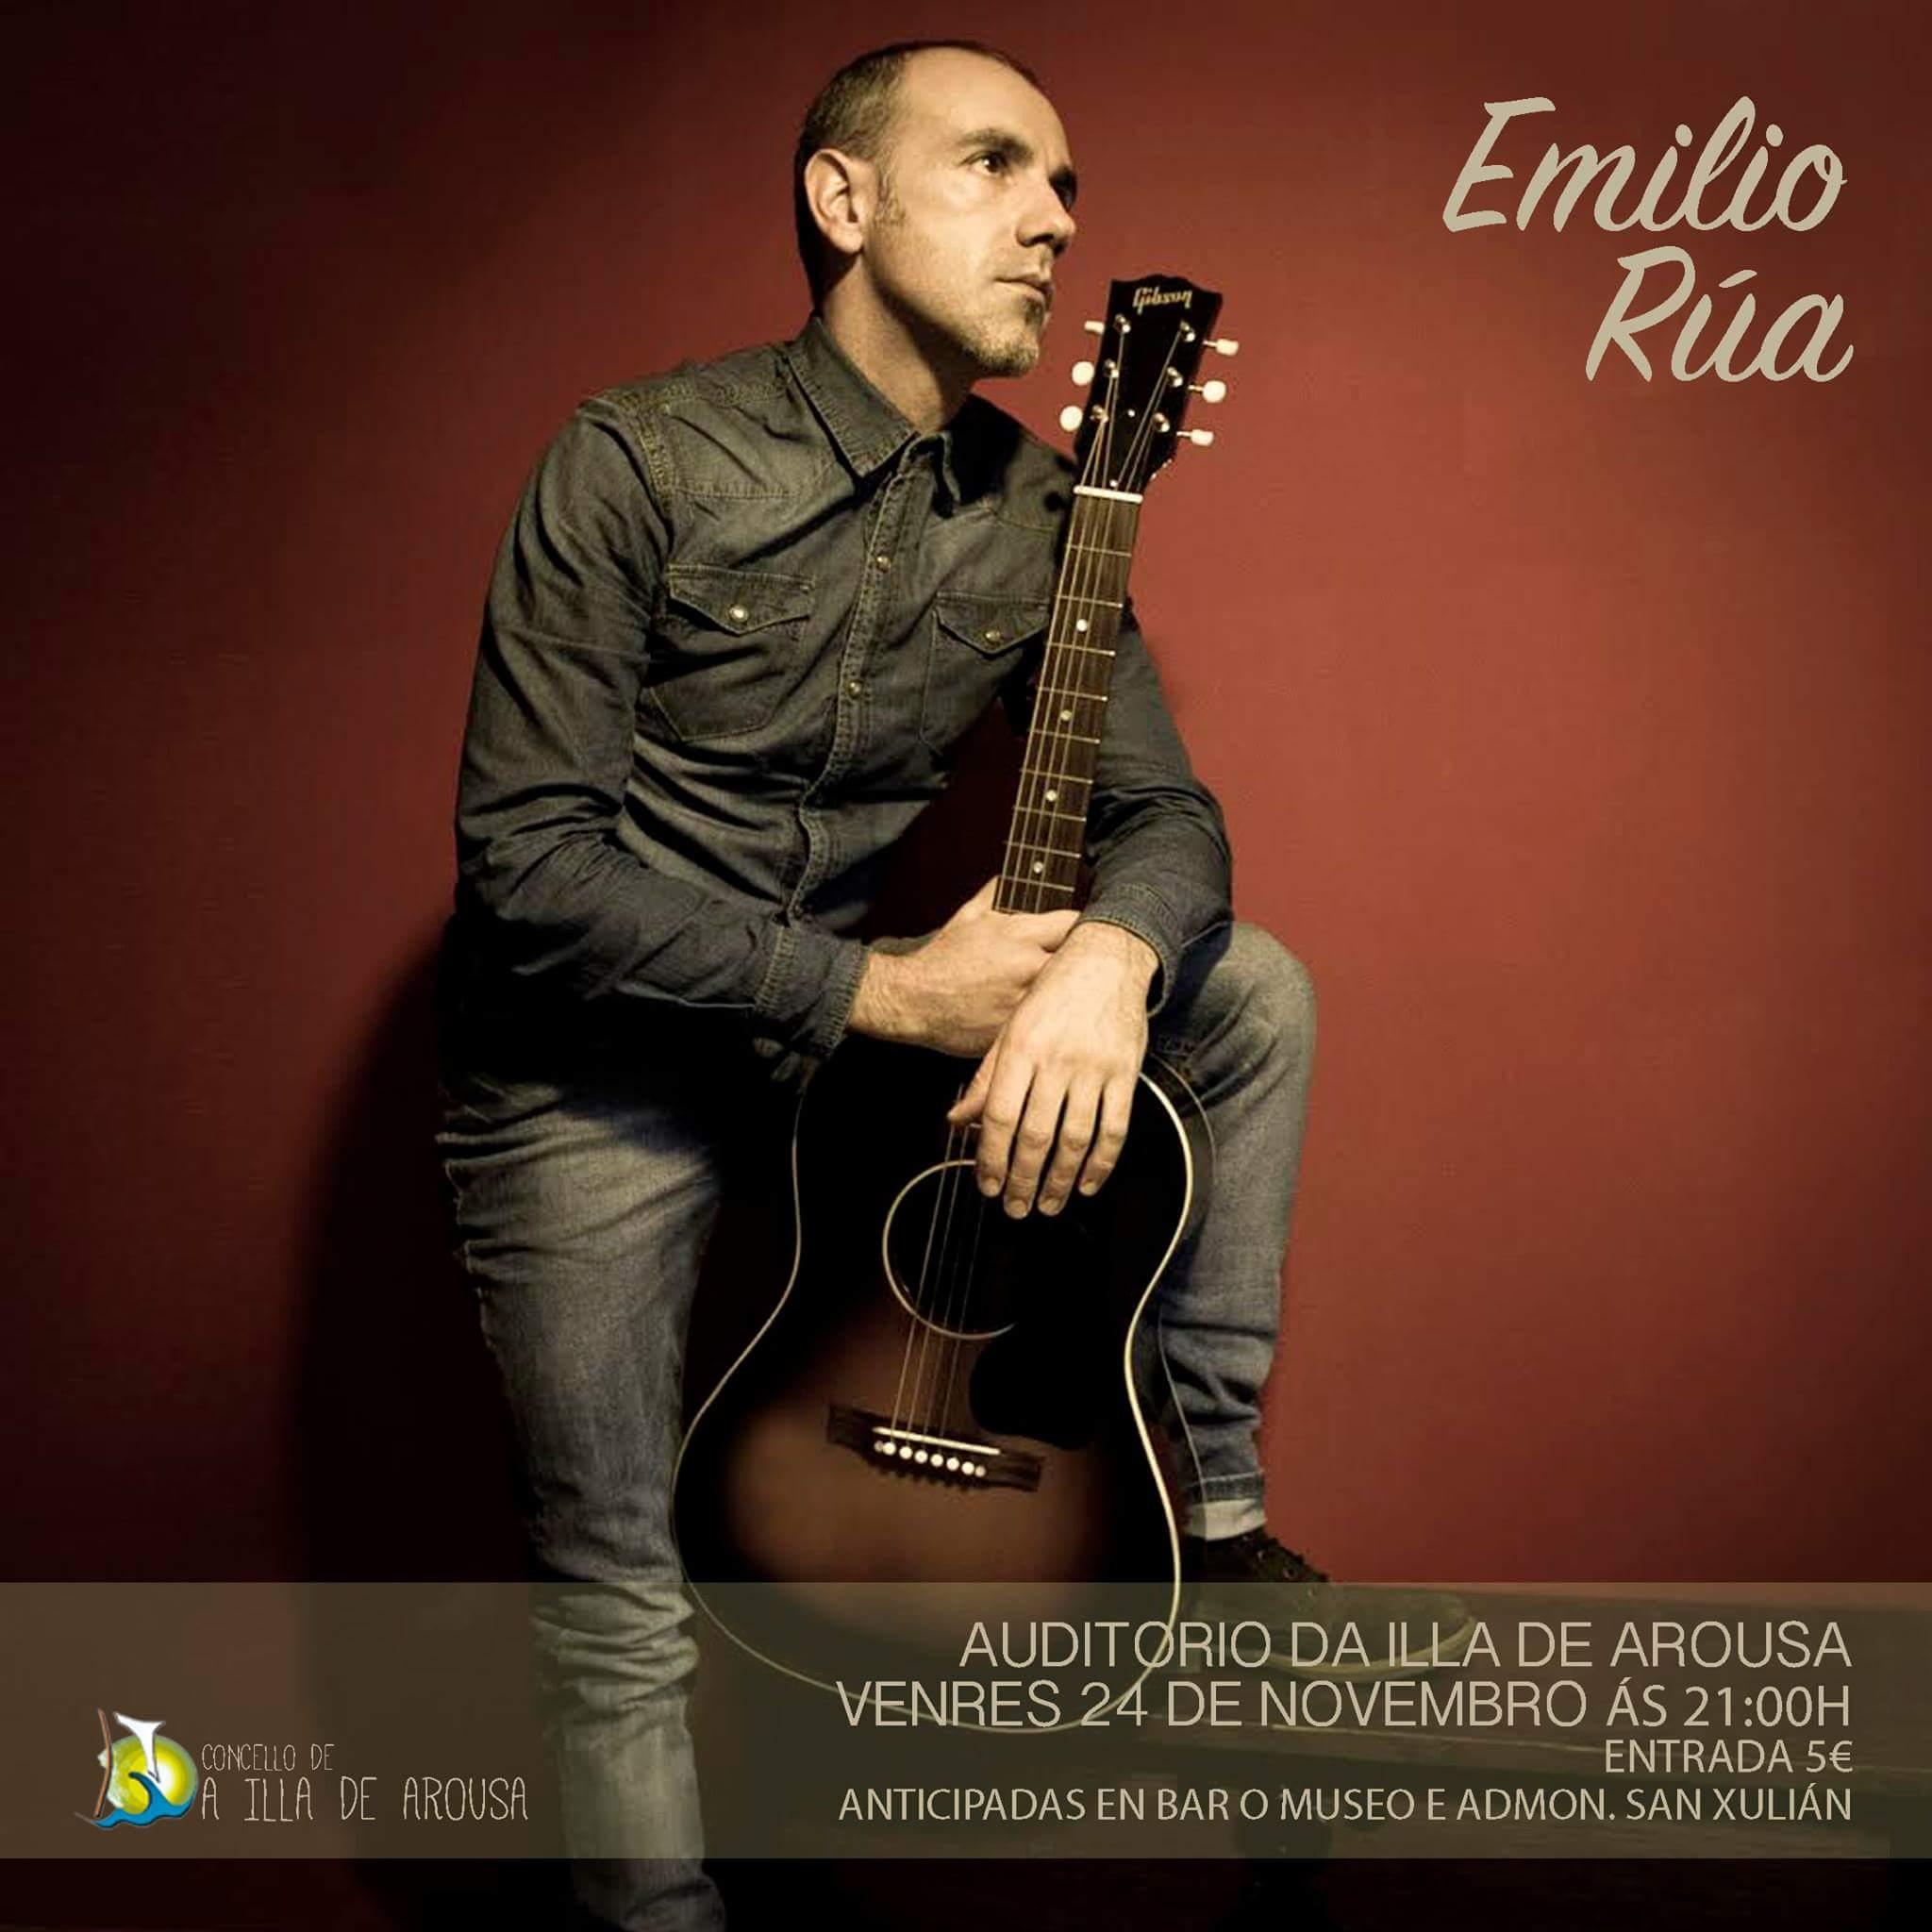 EMILIO RÚA EN CONCERTO